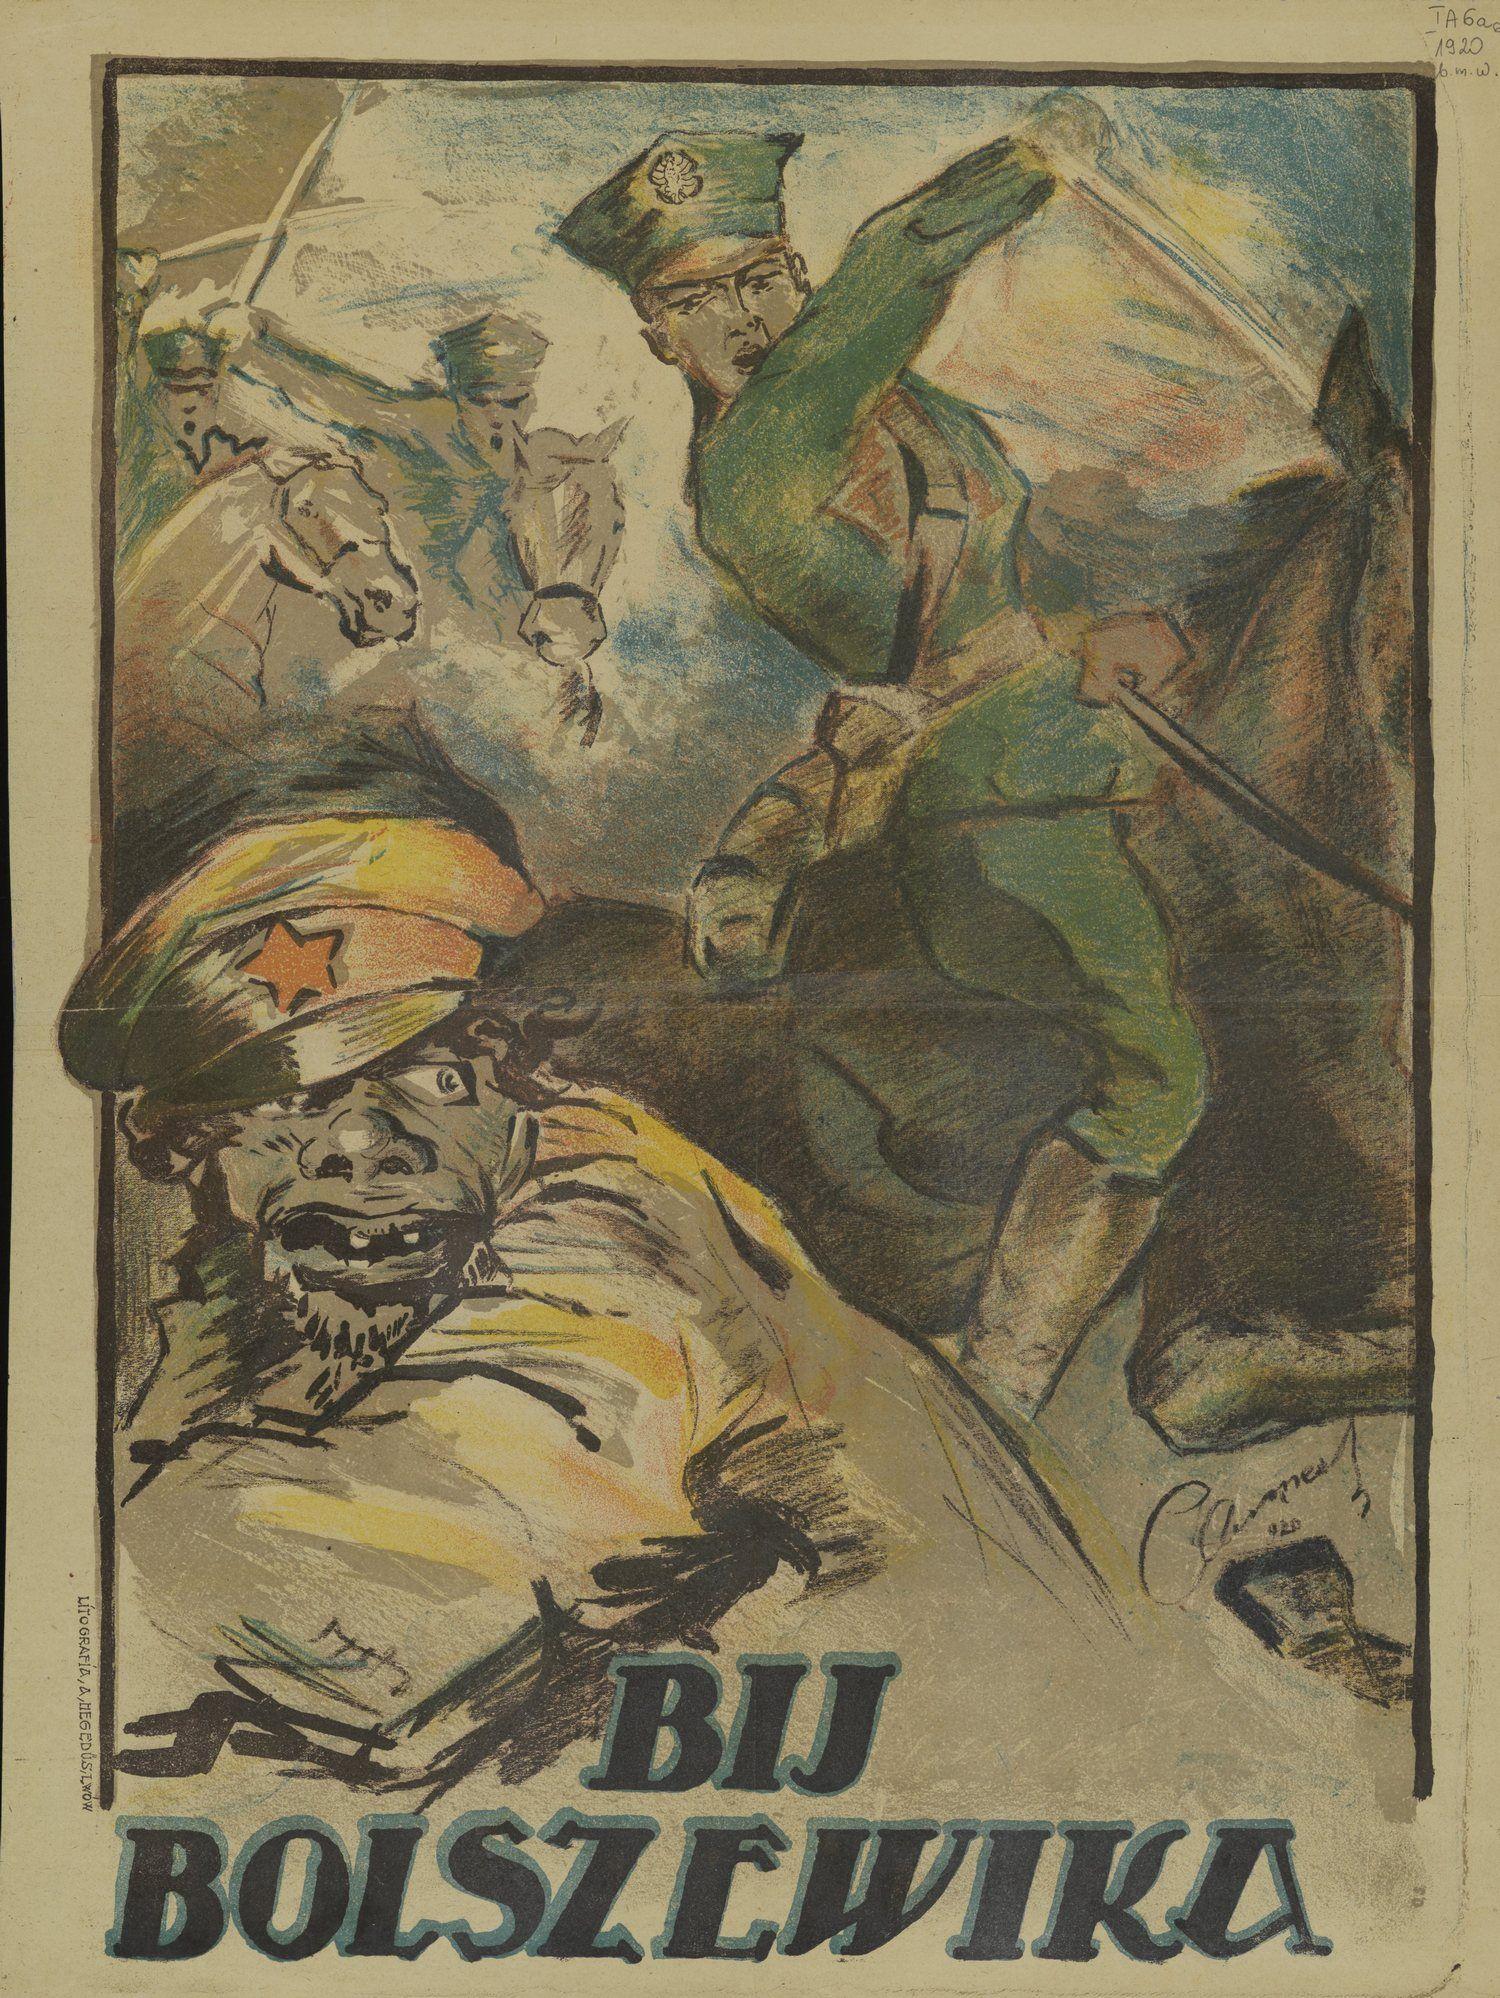 Najwięcej polskiej krwi przelano w walce o wschodnią granicę kraju. Szczególnie krwawa była wojna polsko-bolszewicka.